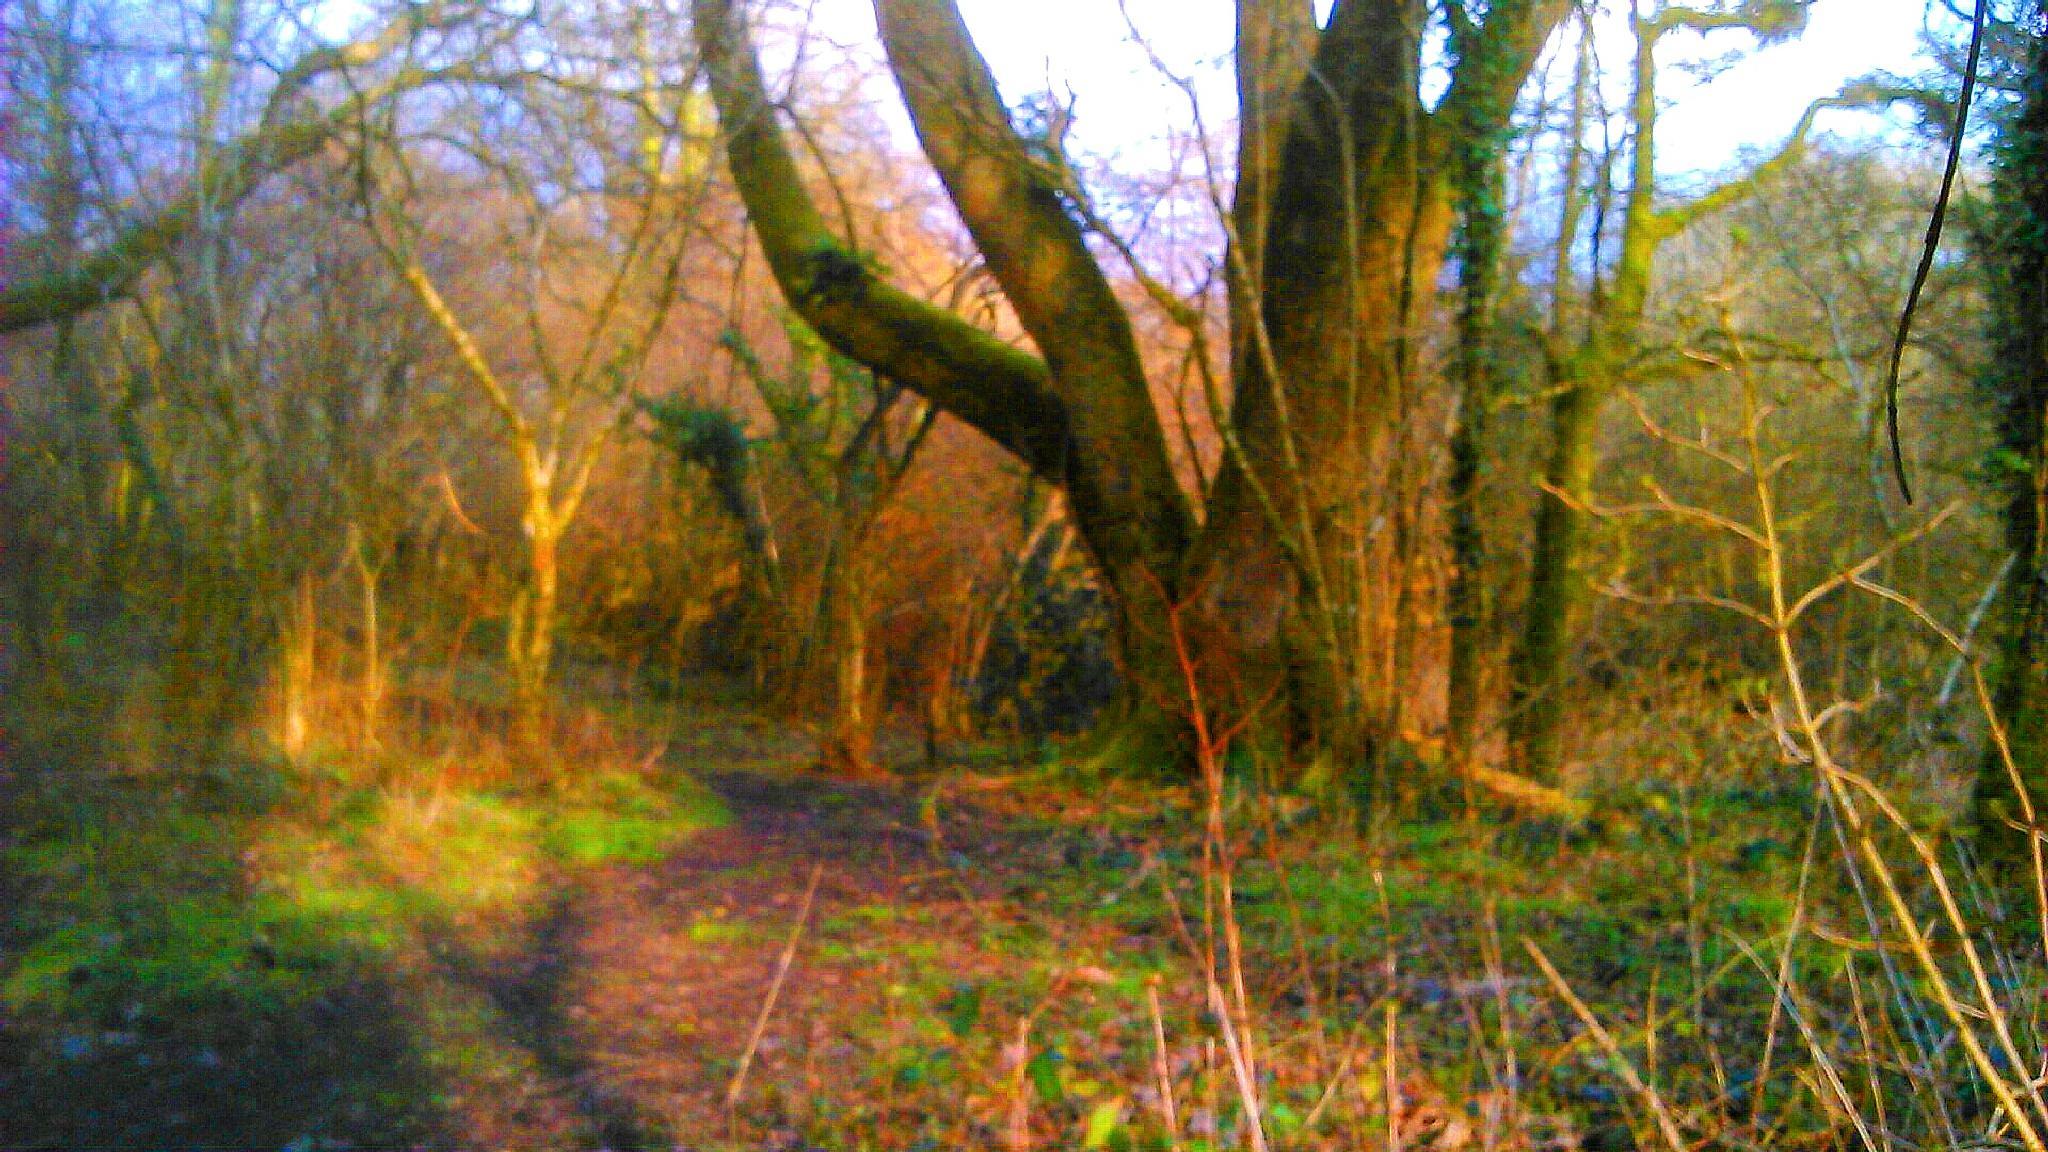 in the woods  by Darren jones